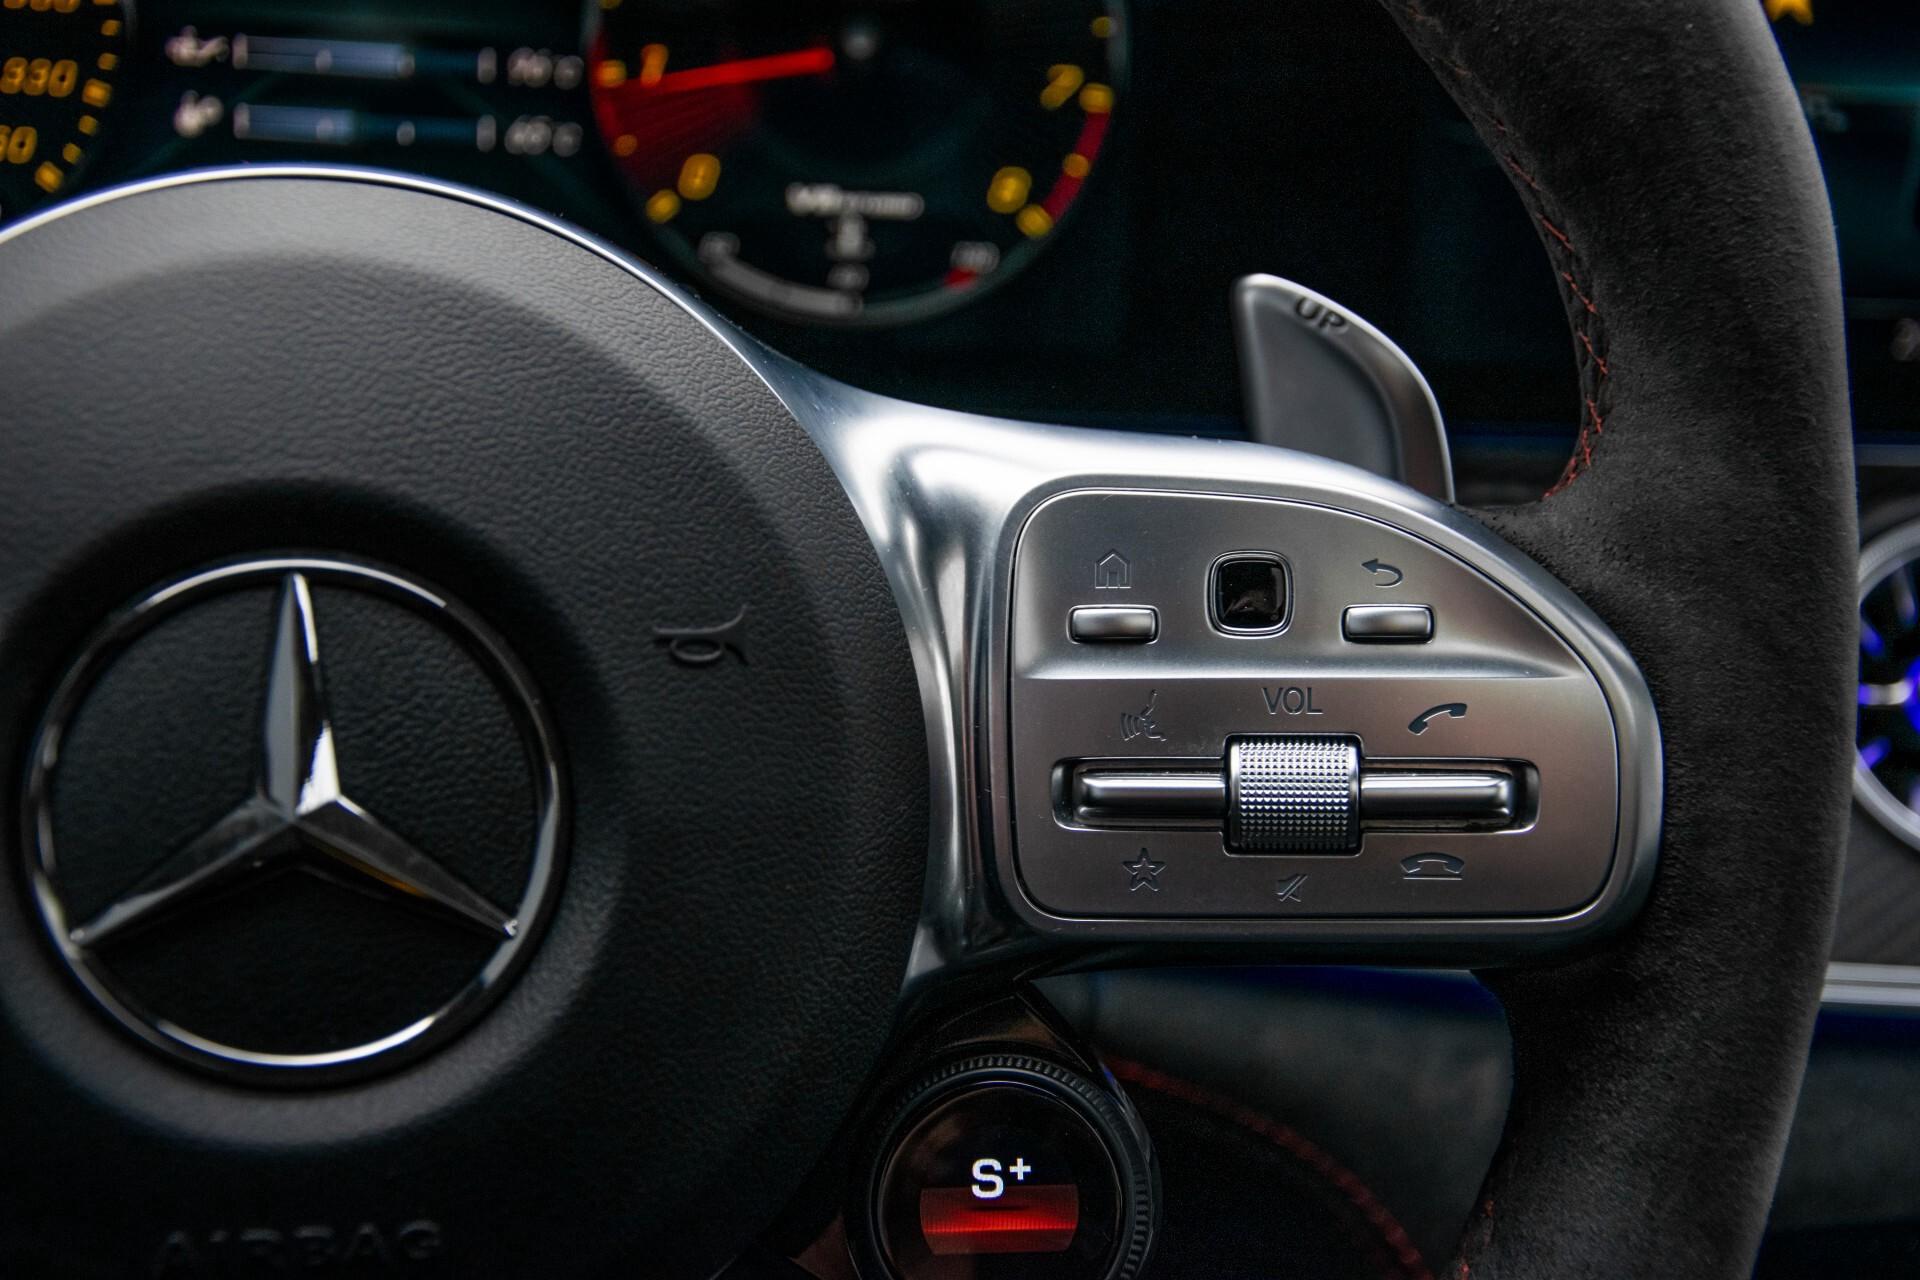 Mercedes-Benz AMG GT 4-Door Coupe 63 S 4M+ Keramisch/Full Carbon/Aerodynamica/Burmester 3D/TV/Performance stoelen/Standkachel Aut9 Foto 17